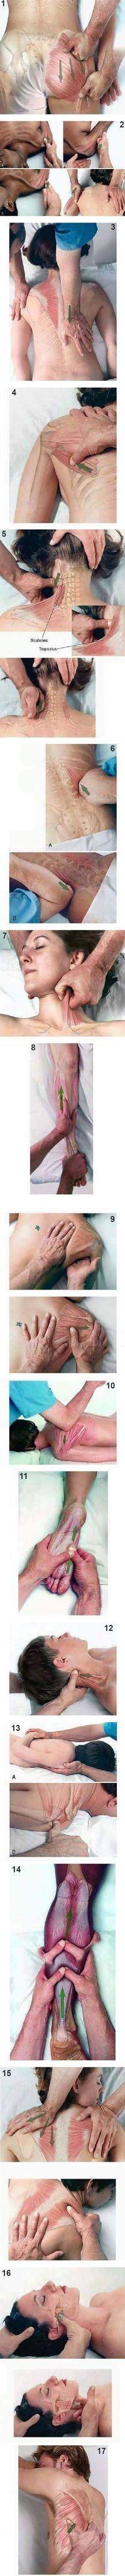 As 10 Dicas Para Aliviar as Dores nas Articulações  #saude  #saudeebemestar  #dores  #aliviar  #tratamentos